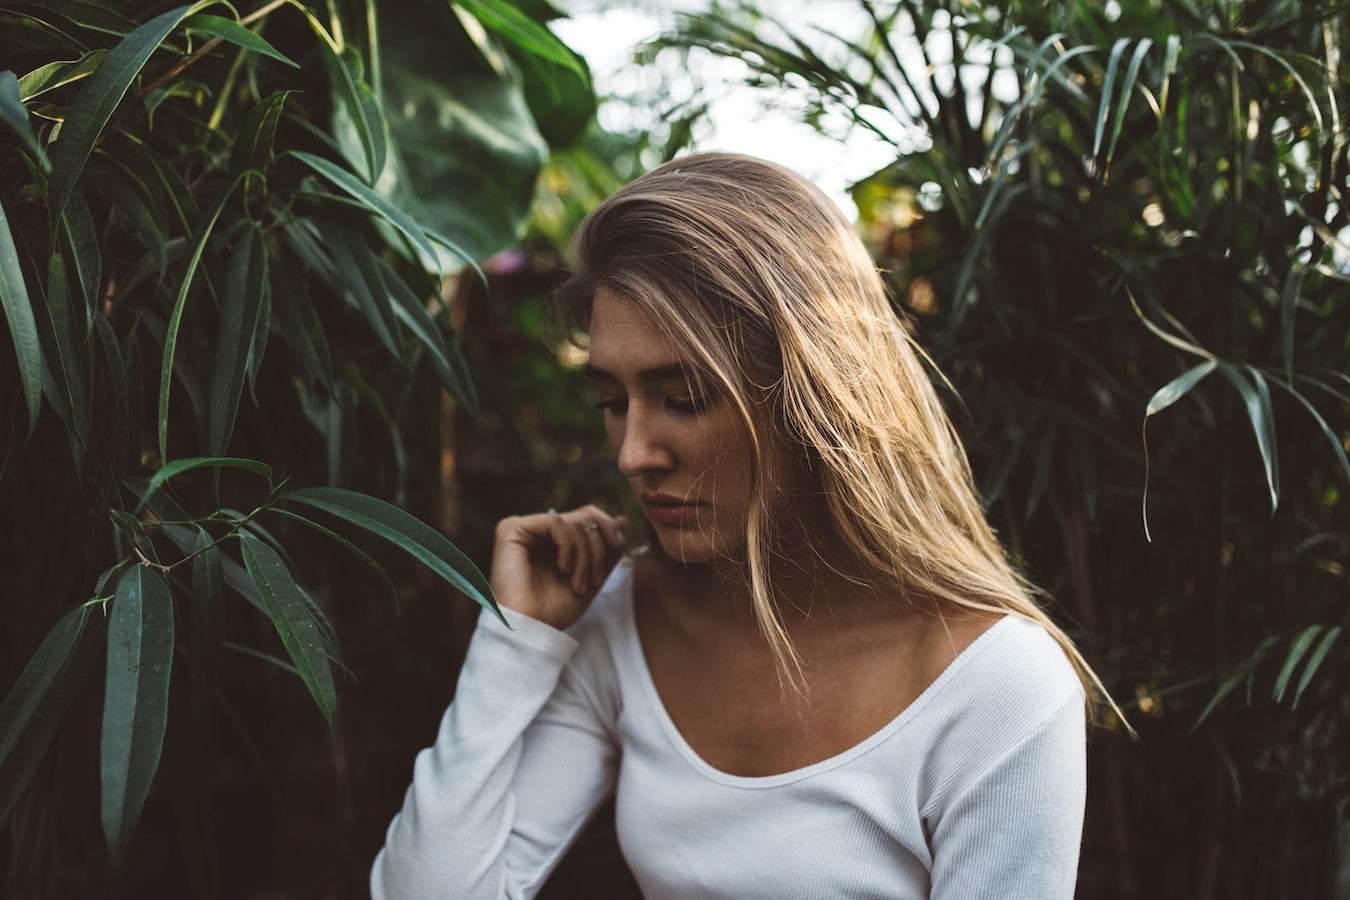 Blonde Frau mit weißem Shirt vor grünen Pflanzen